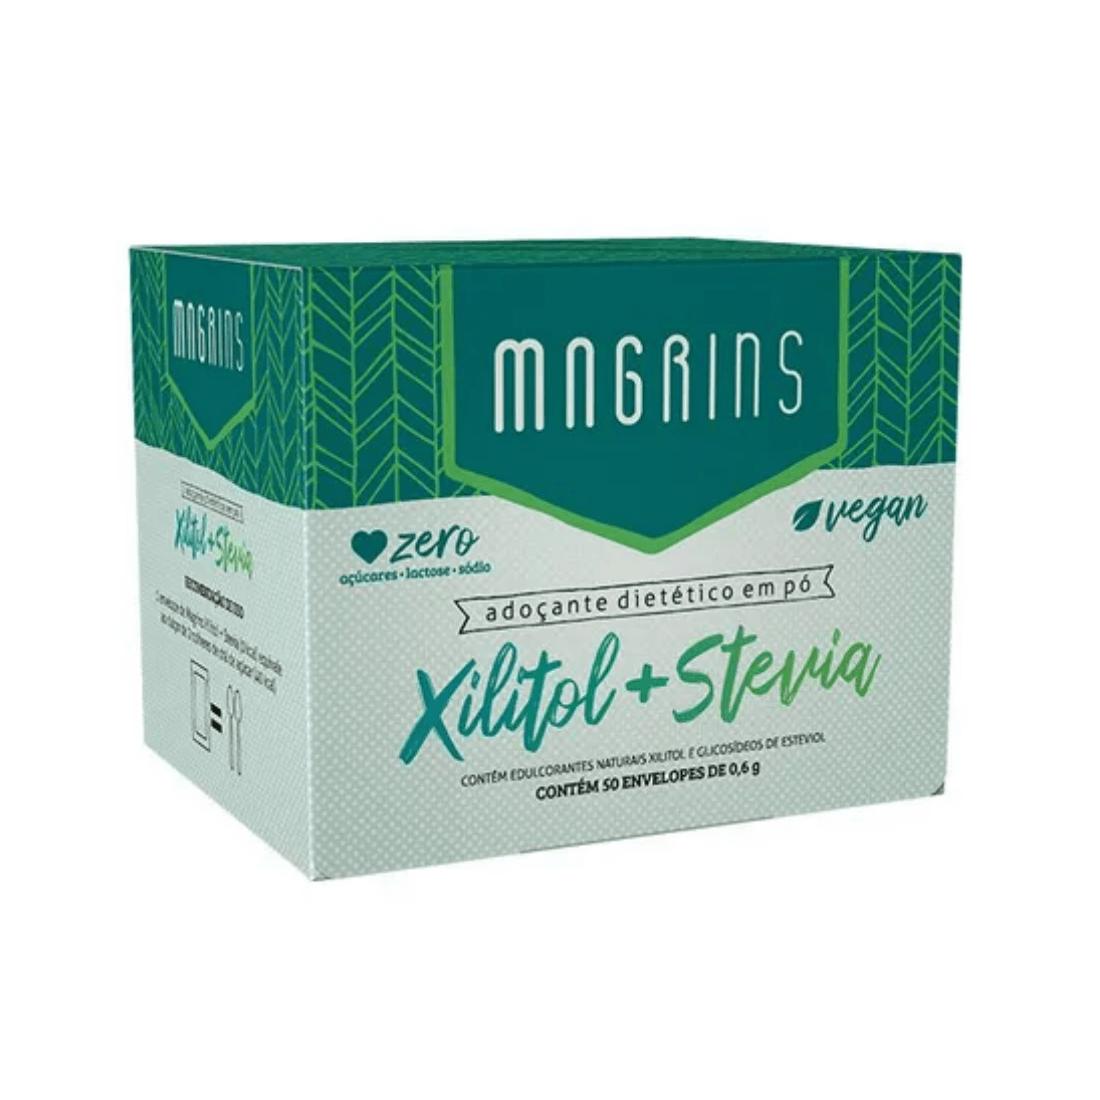 ADOÇANTE XILITOL COM STEVIA MAGRINS SACHÊ 0,6G CAIXA 50 UNIDADES